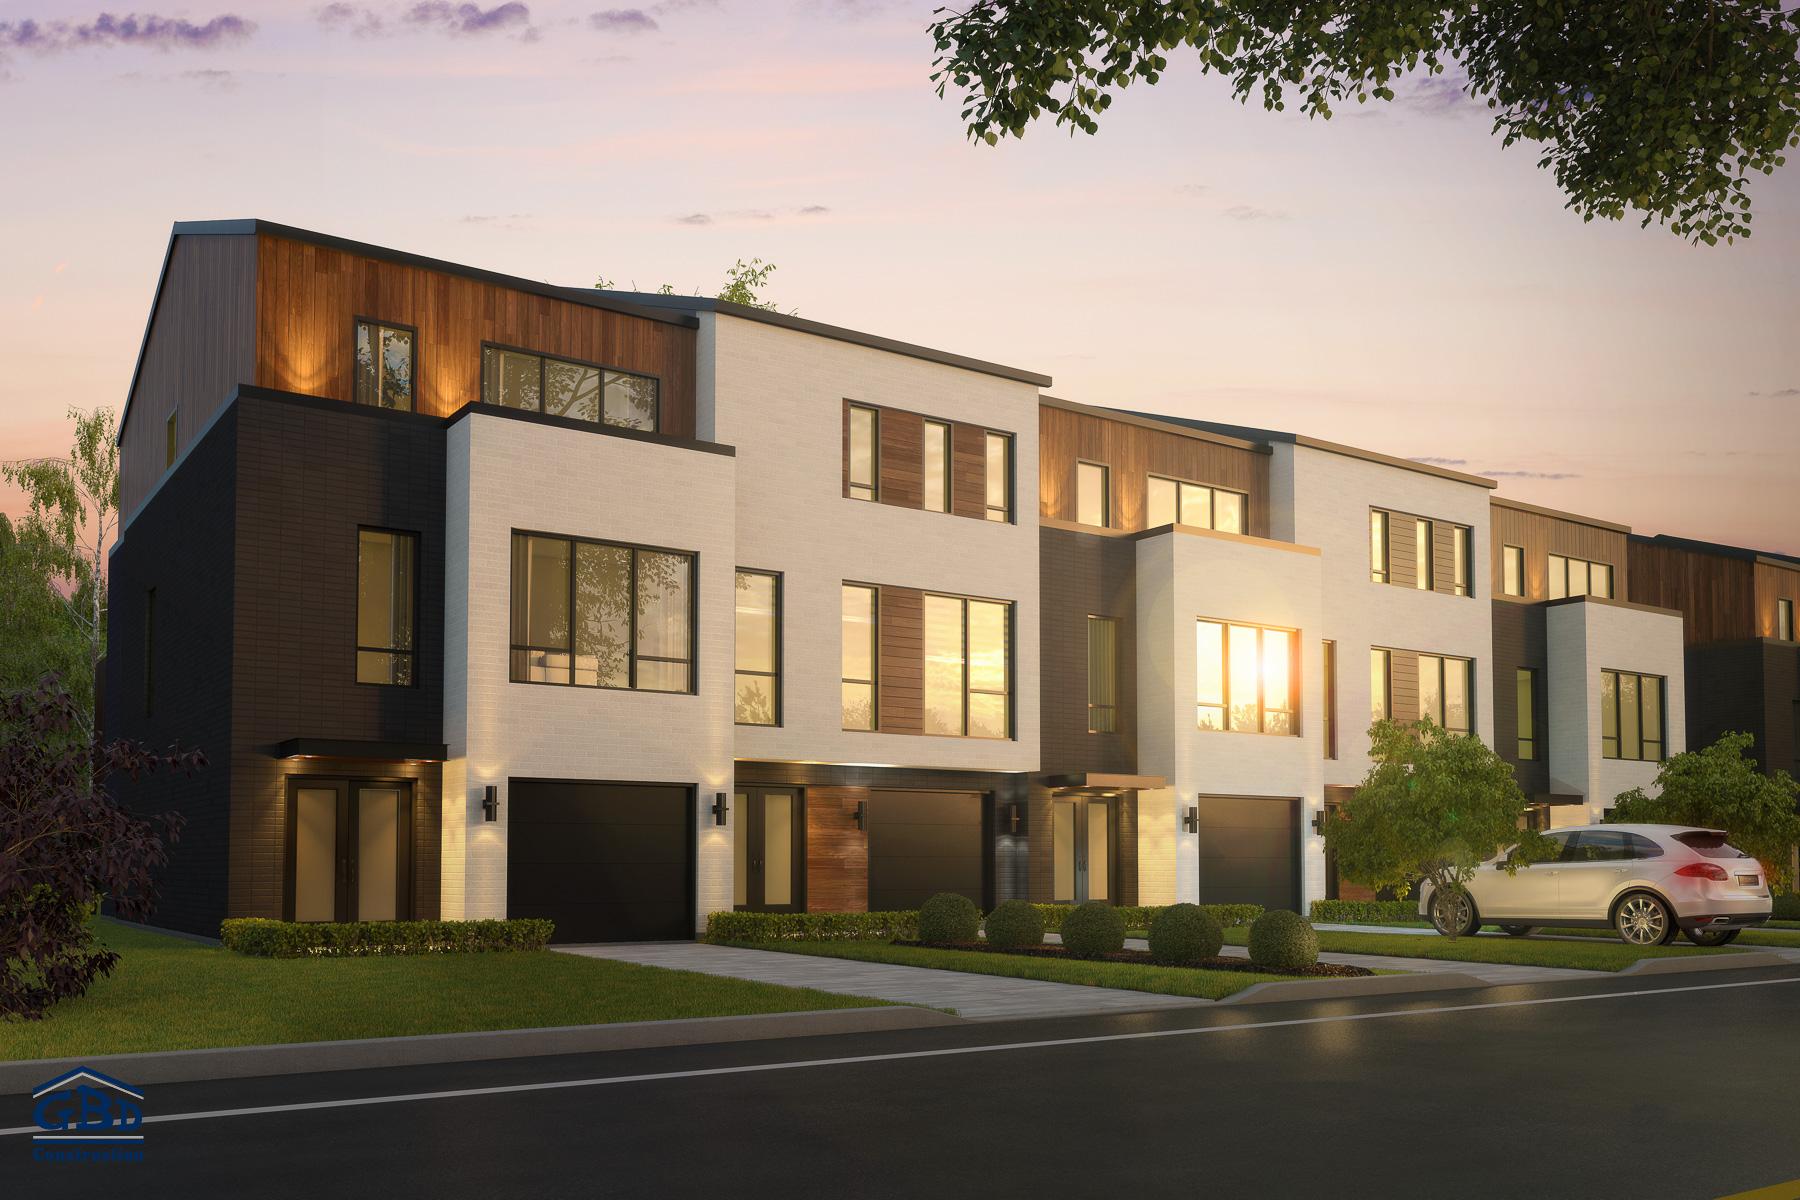 Maison neuve style ancien acheter une maison ou un for Acheter une maison en france